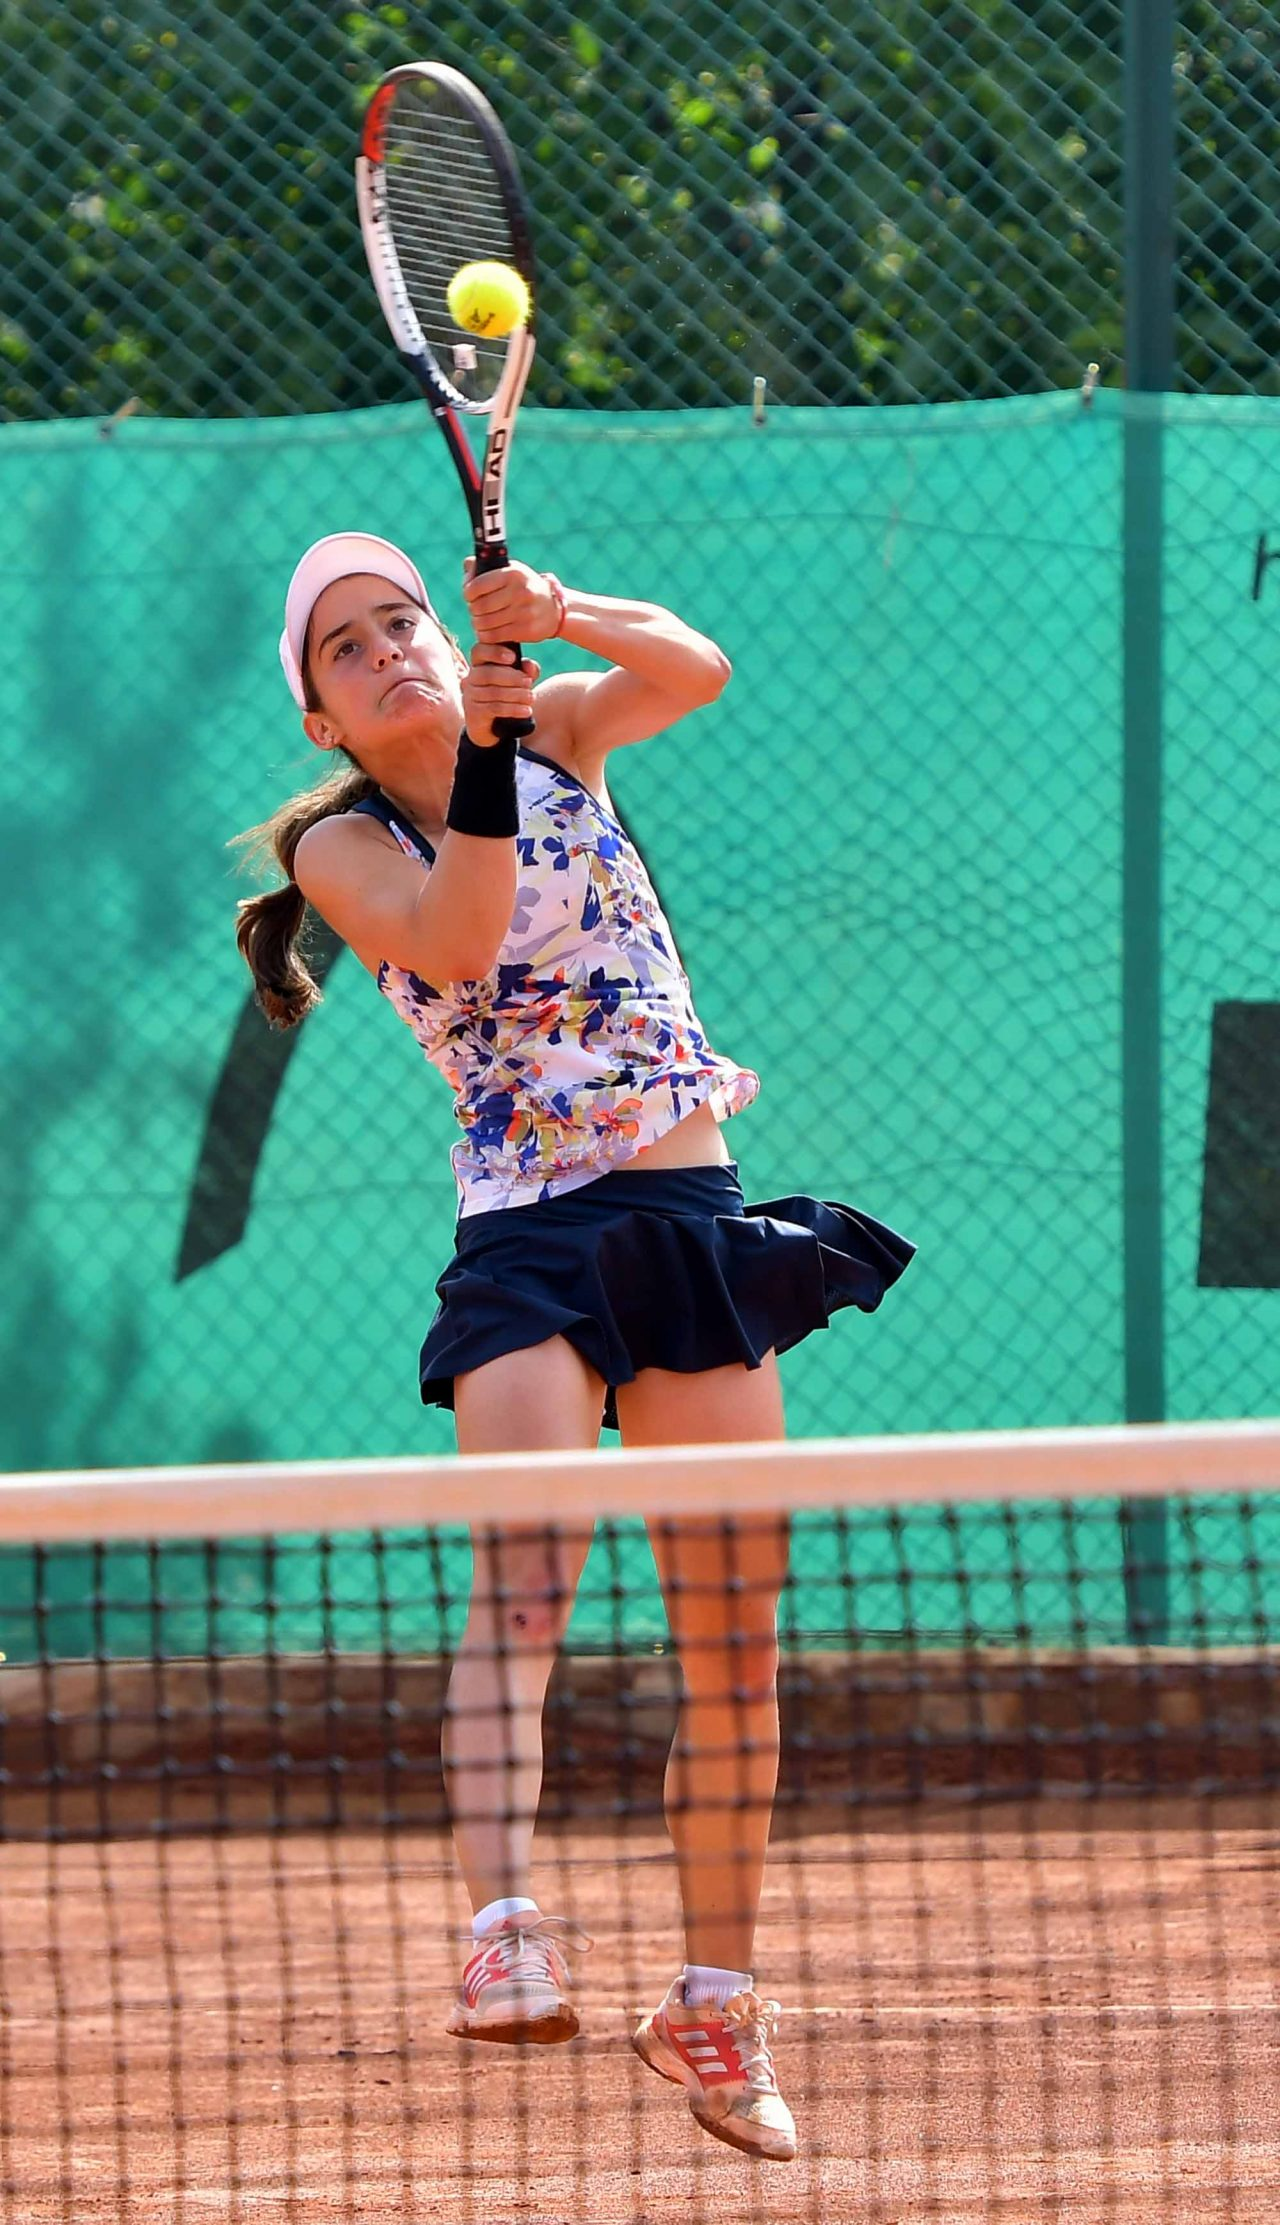 Държавно първенство тенис до 14 год. ТК 15-40 финал (31)